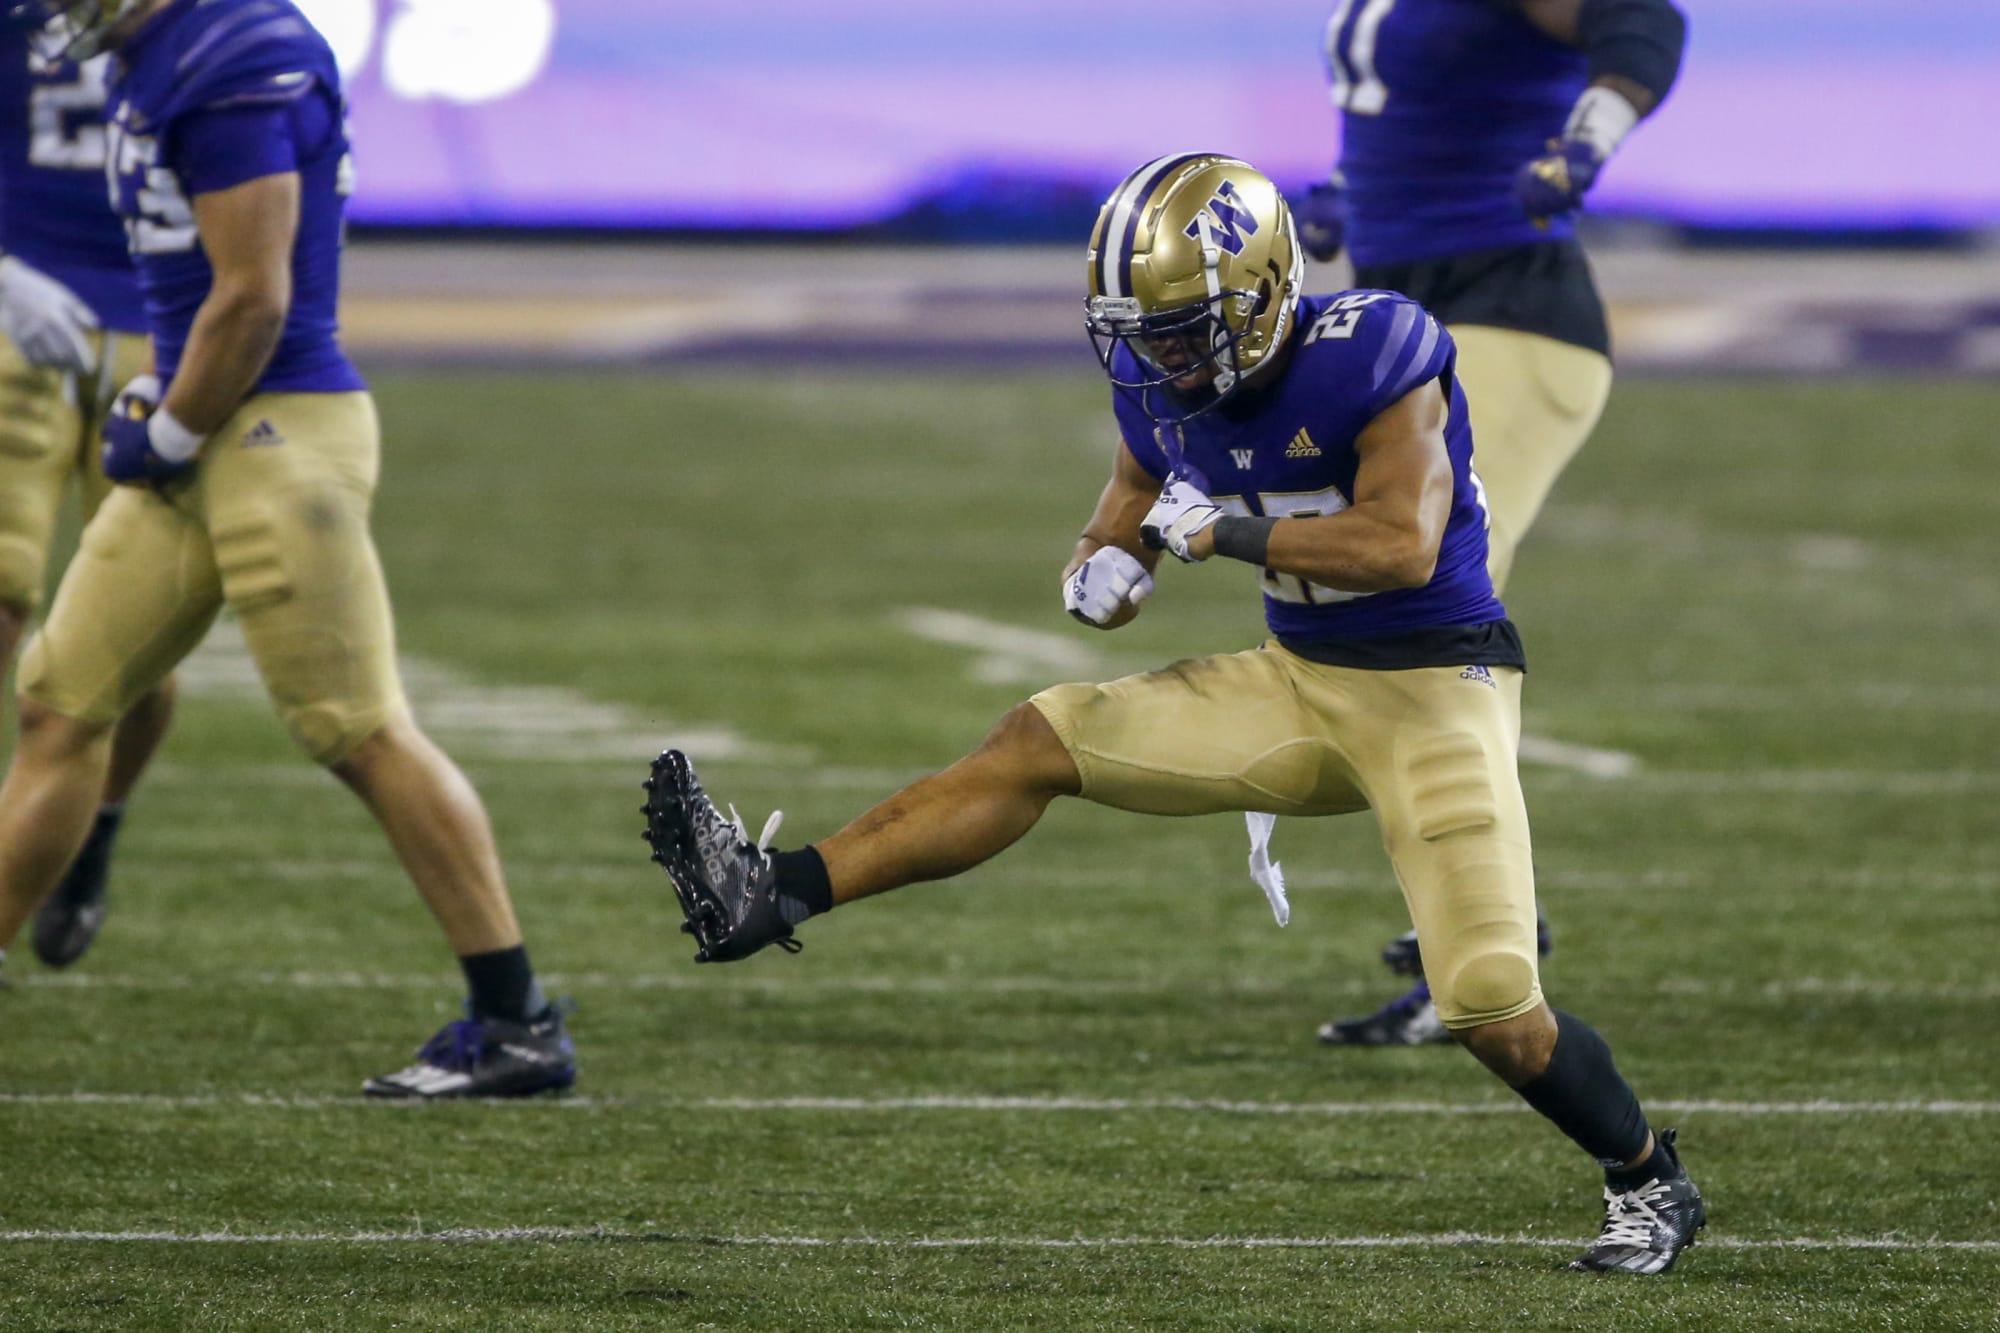 Does Washington football have a shot at Nevada's #1 DB?